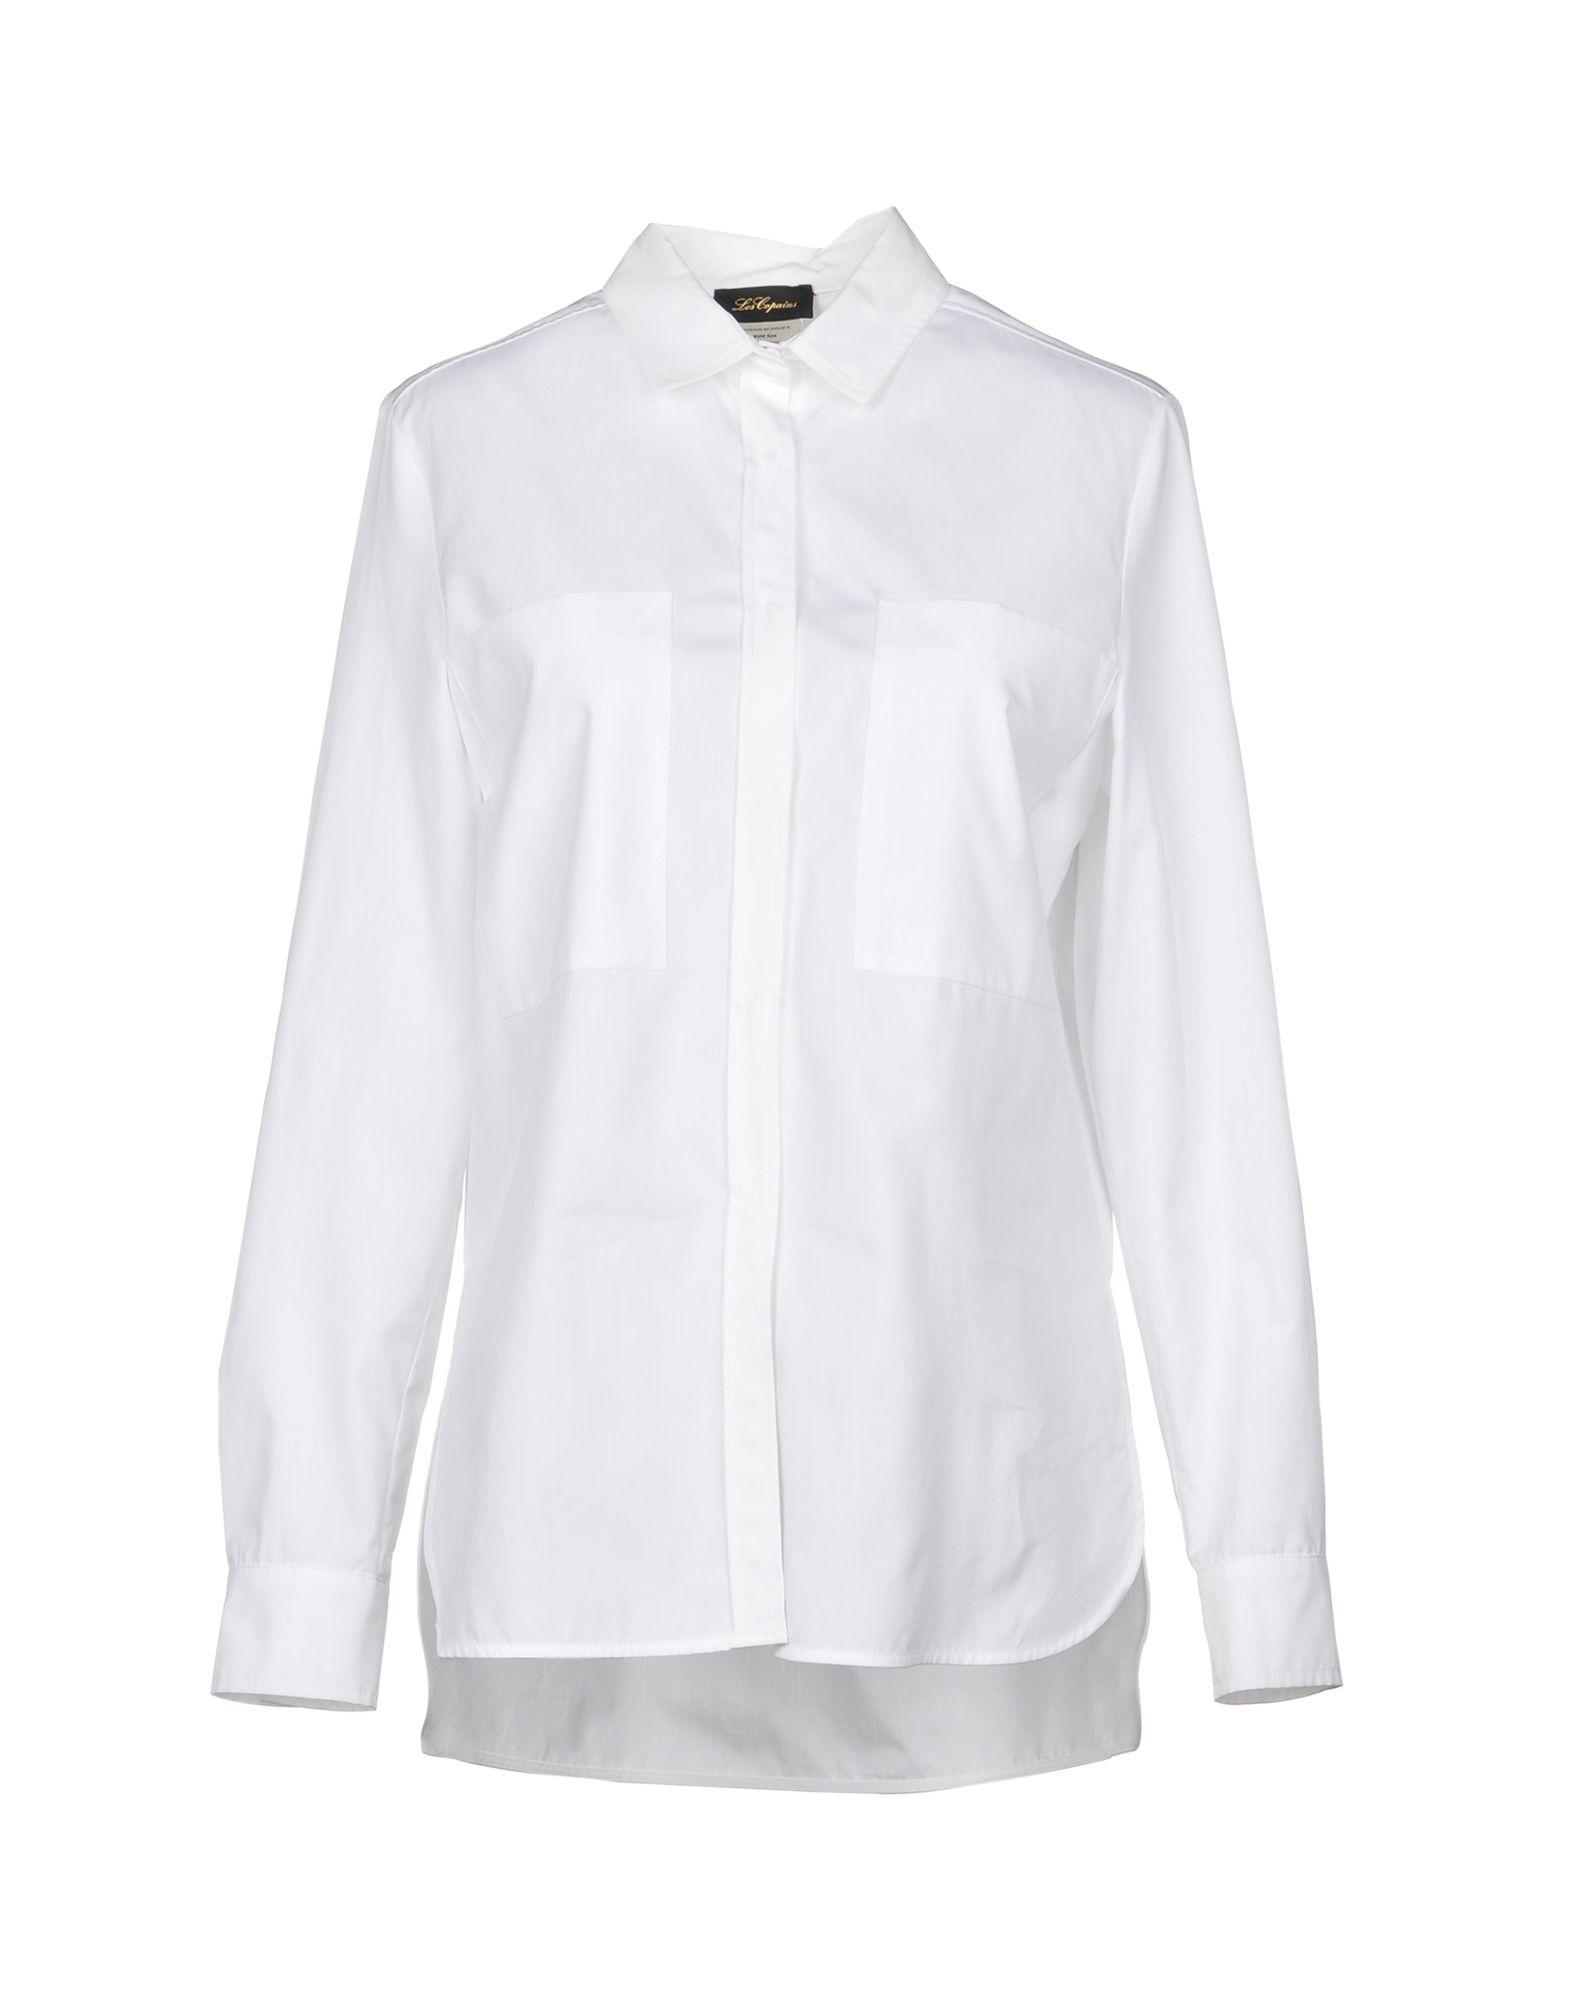 5658b68fa Les Copains Solid Color Shirts   Blouses - Women Les Copains Solid ...